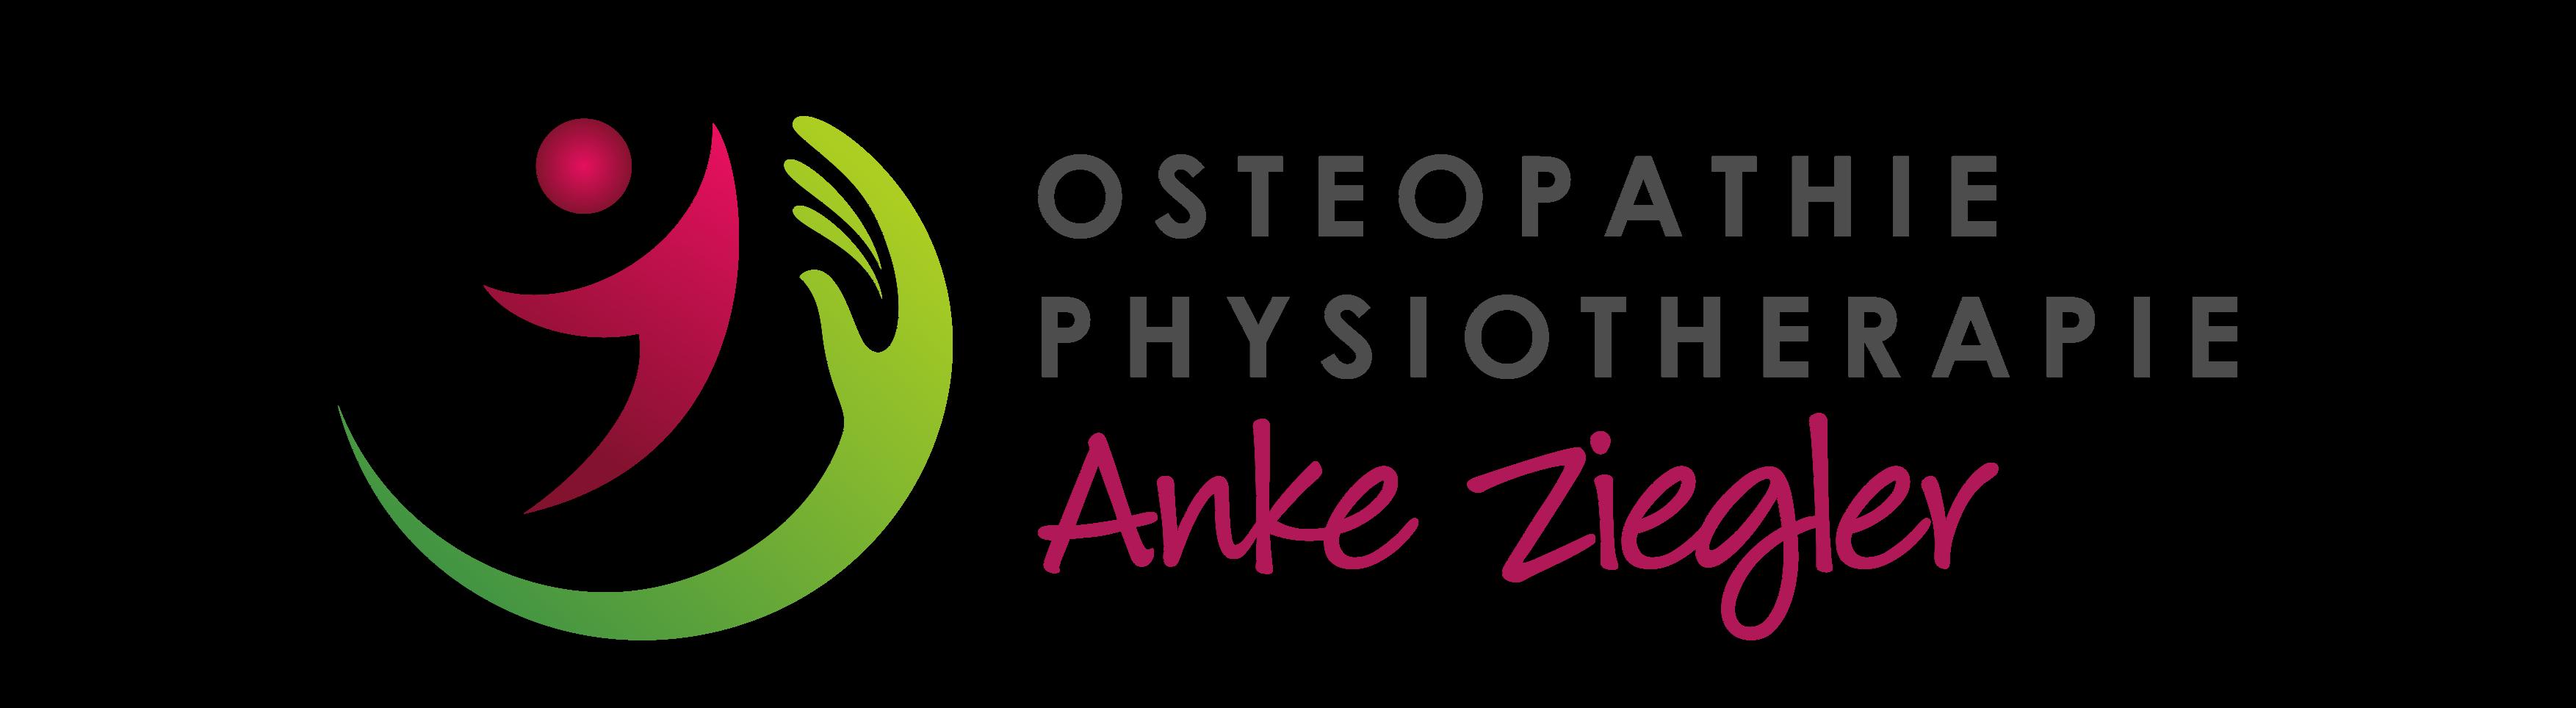 Privatpraxis für Osteopathie, Kinderosteopathie und Physiotherapie